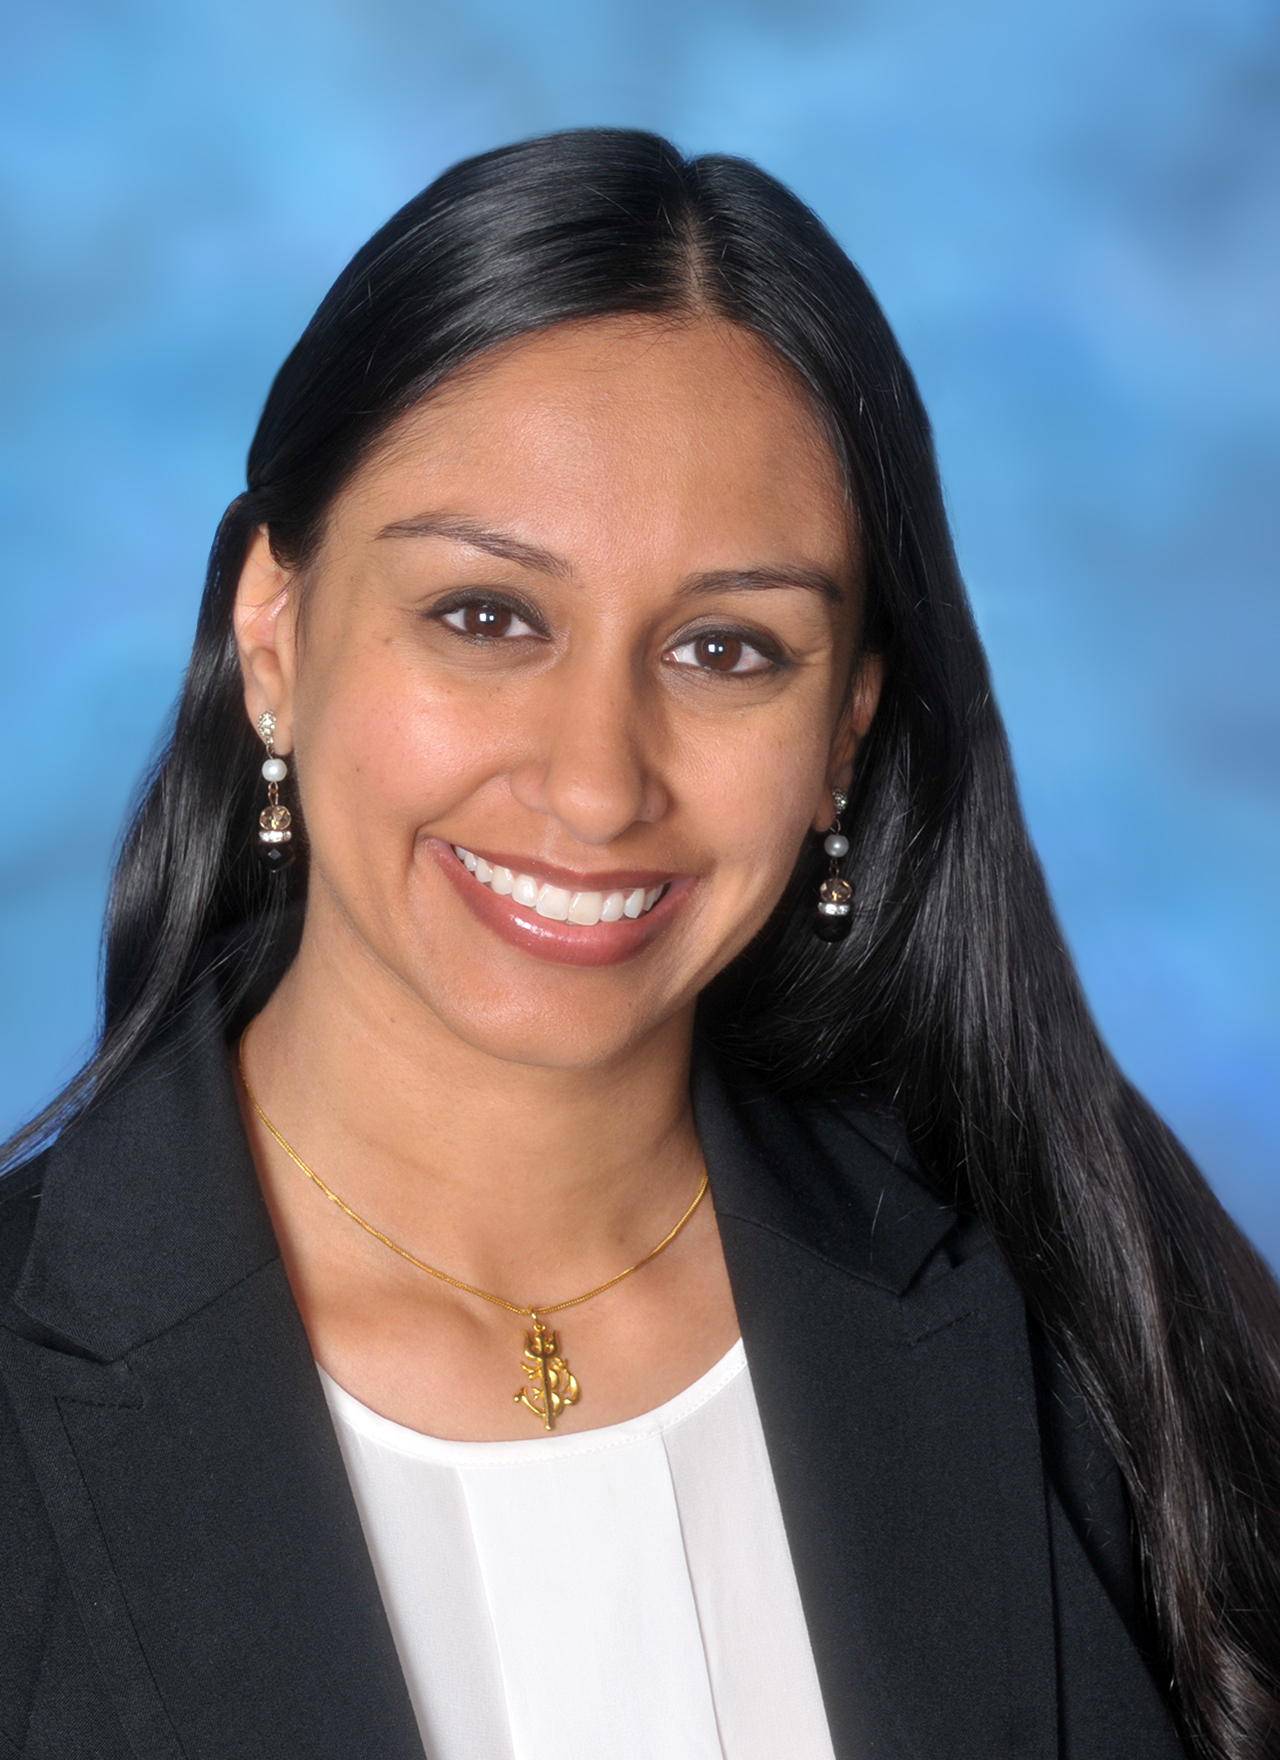 Dr. Majithia